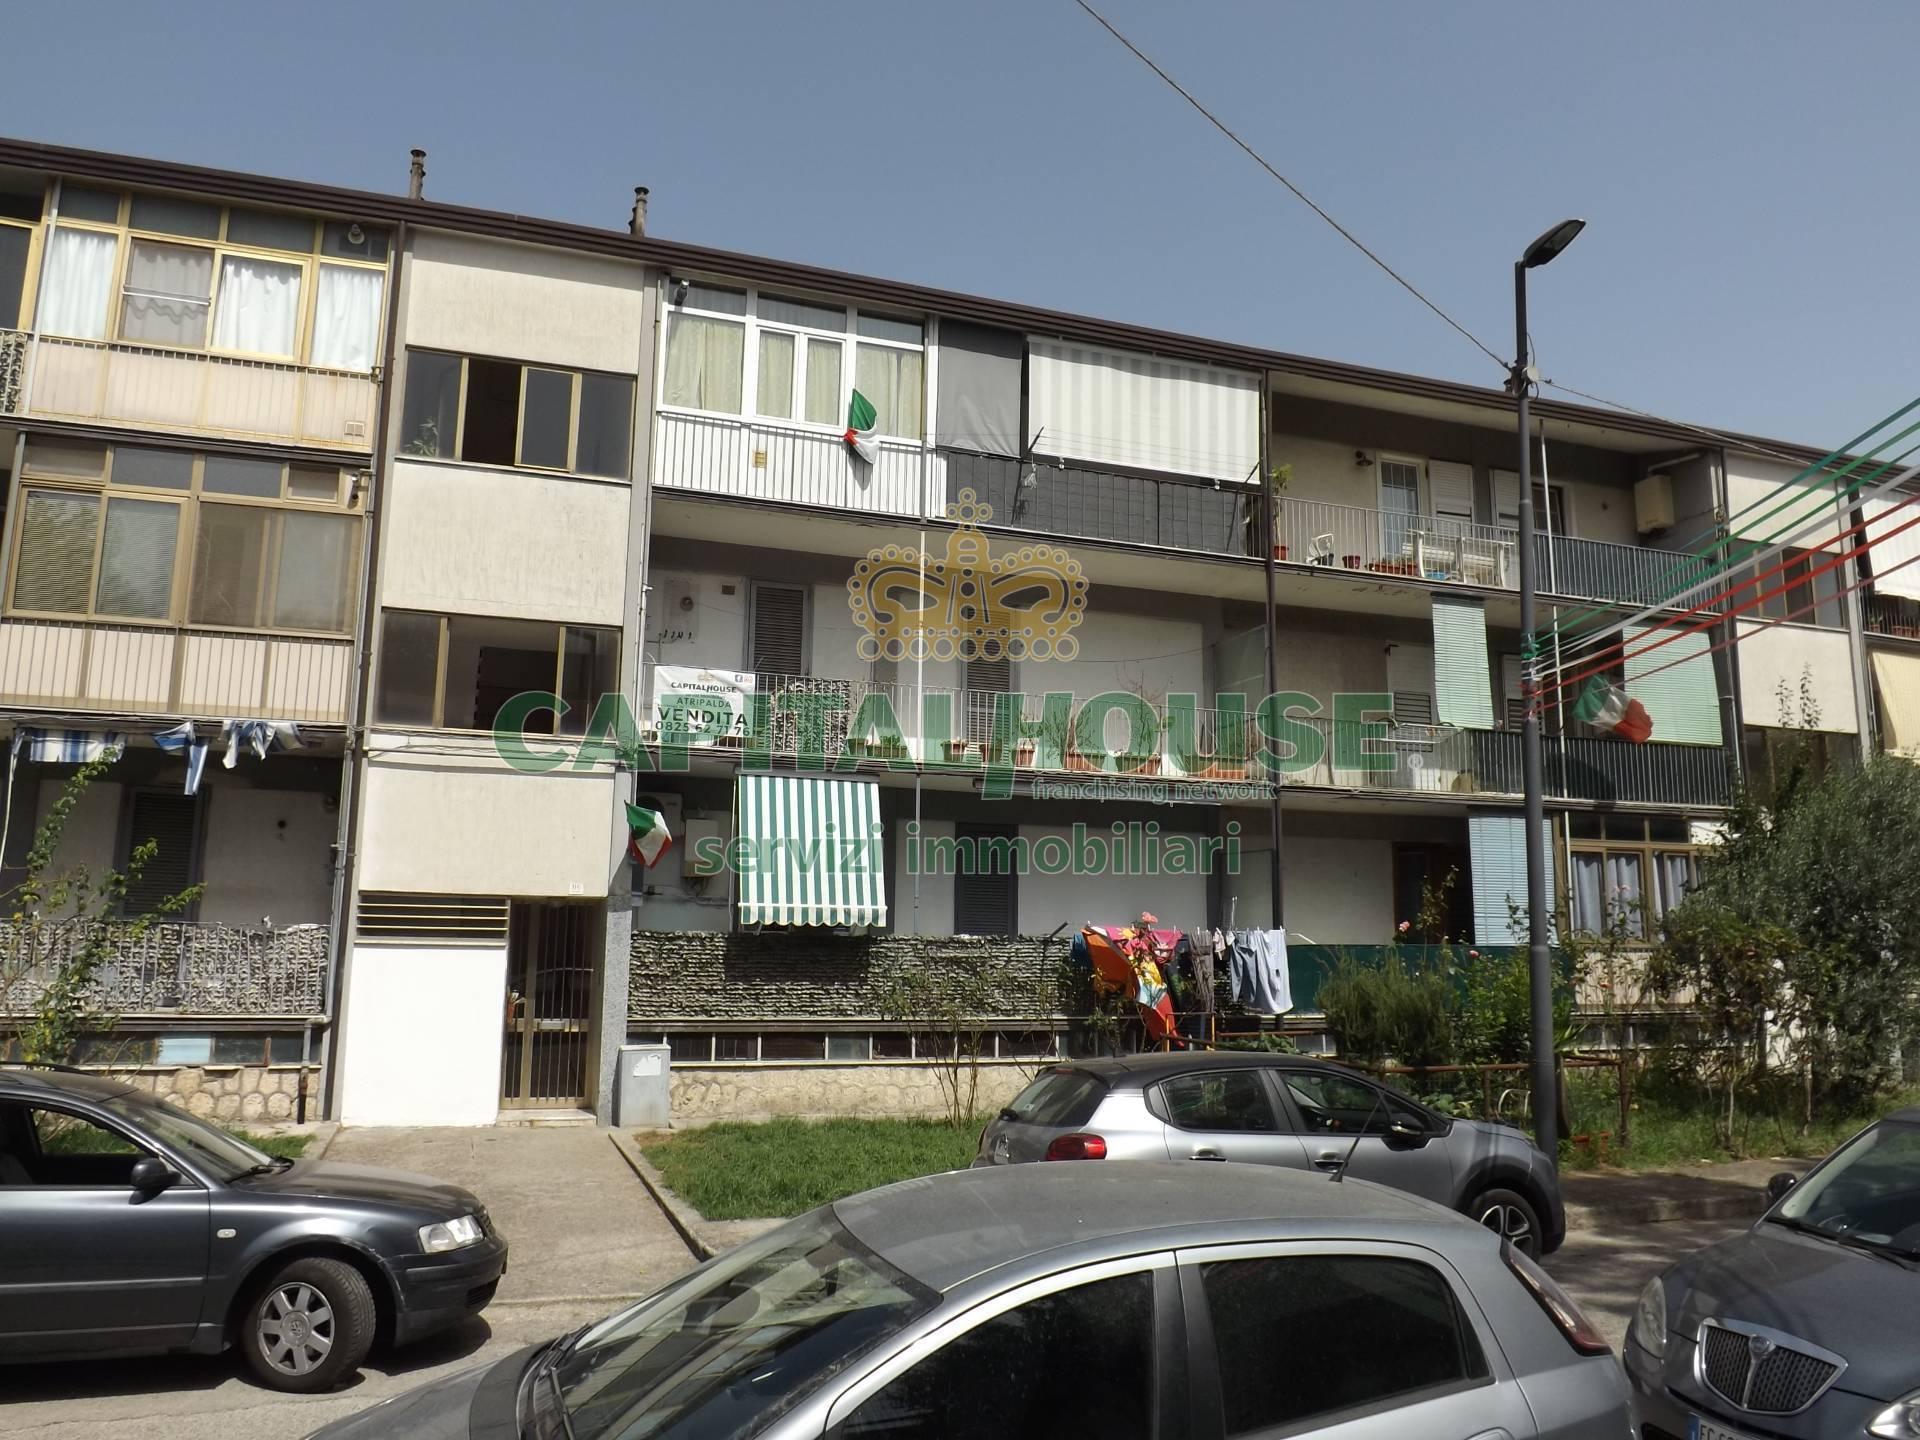 Appartamento in vendita a Atripalda, 3 locali, prezzo € 64.000 | CambioCasa.it